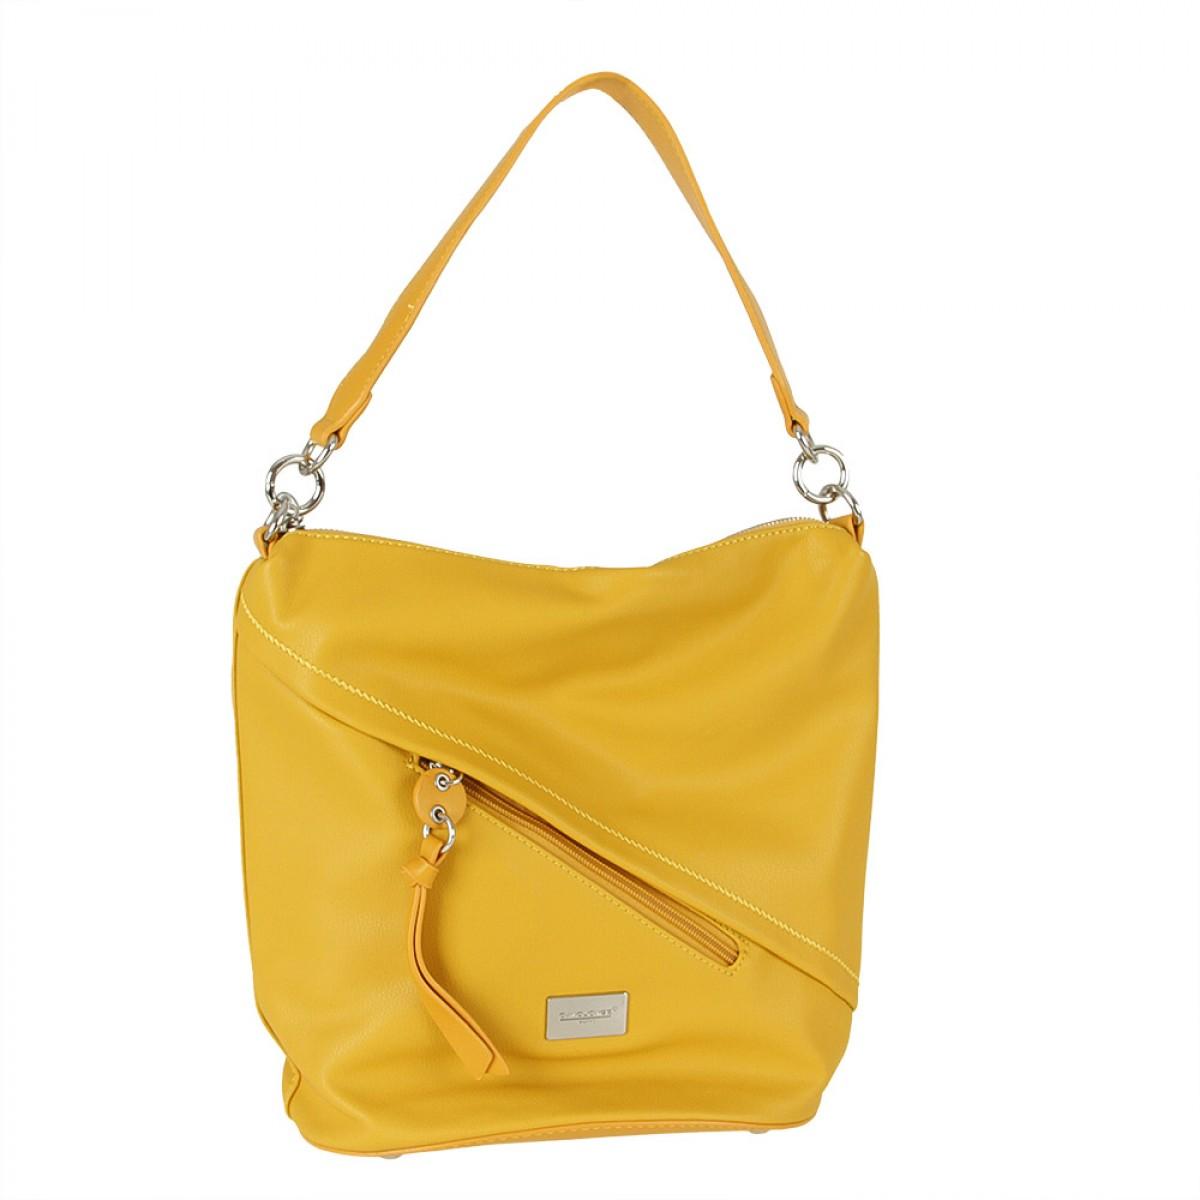 Жіноча сумка David Jones  6265-1 YELLOW